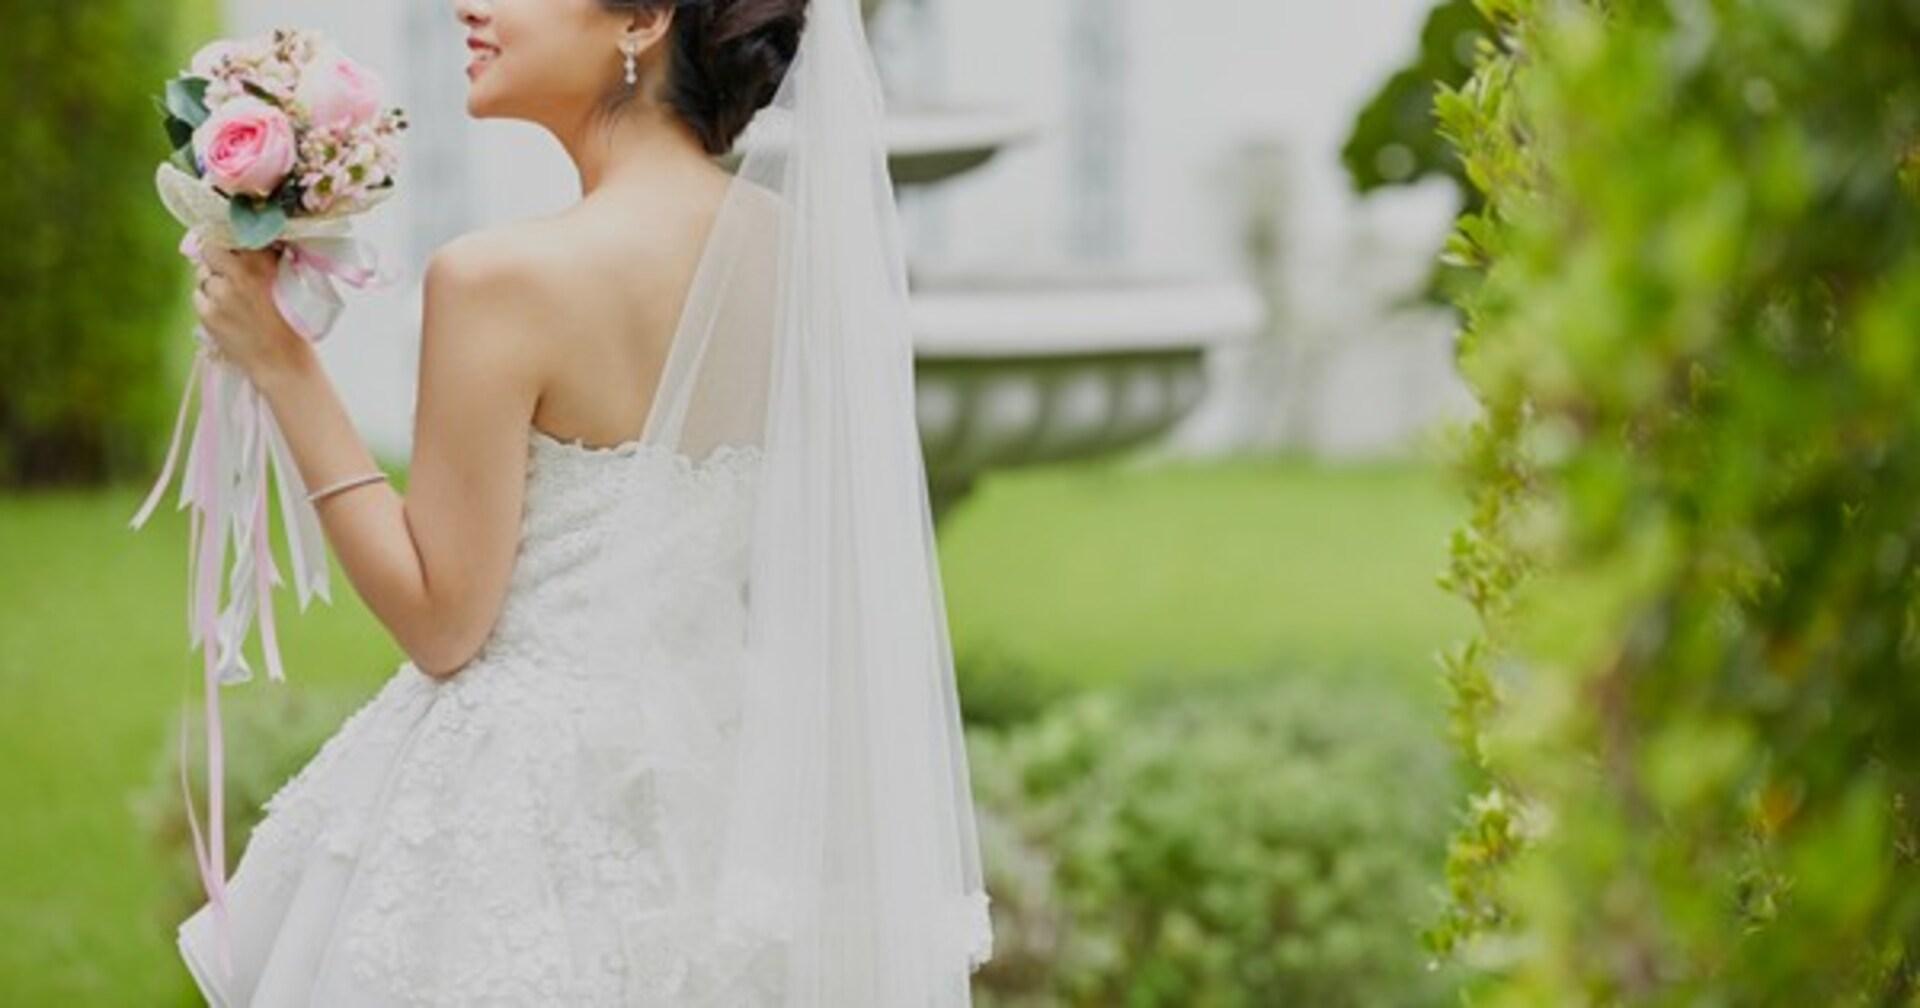 滝川クリステルから学ぶ、「結婚したいアラフォー女性」にオススメの婚活アクションとは?